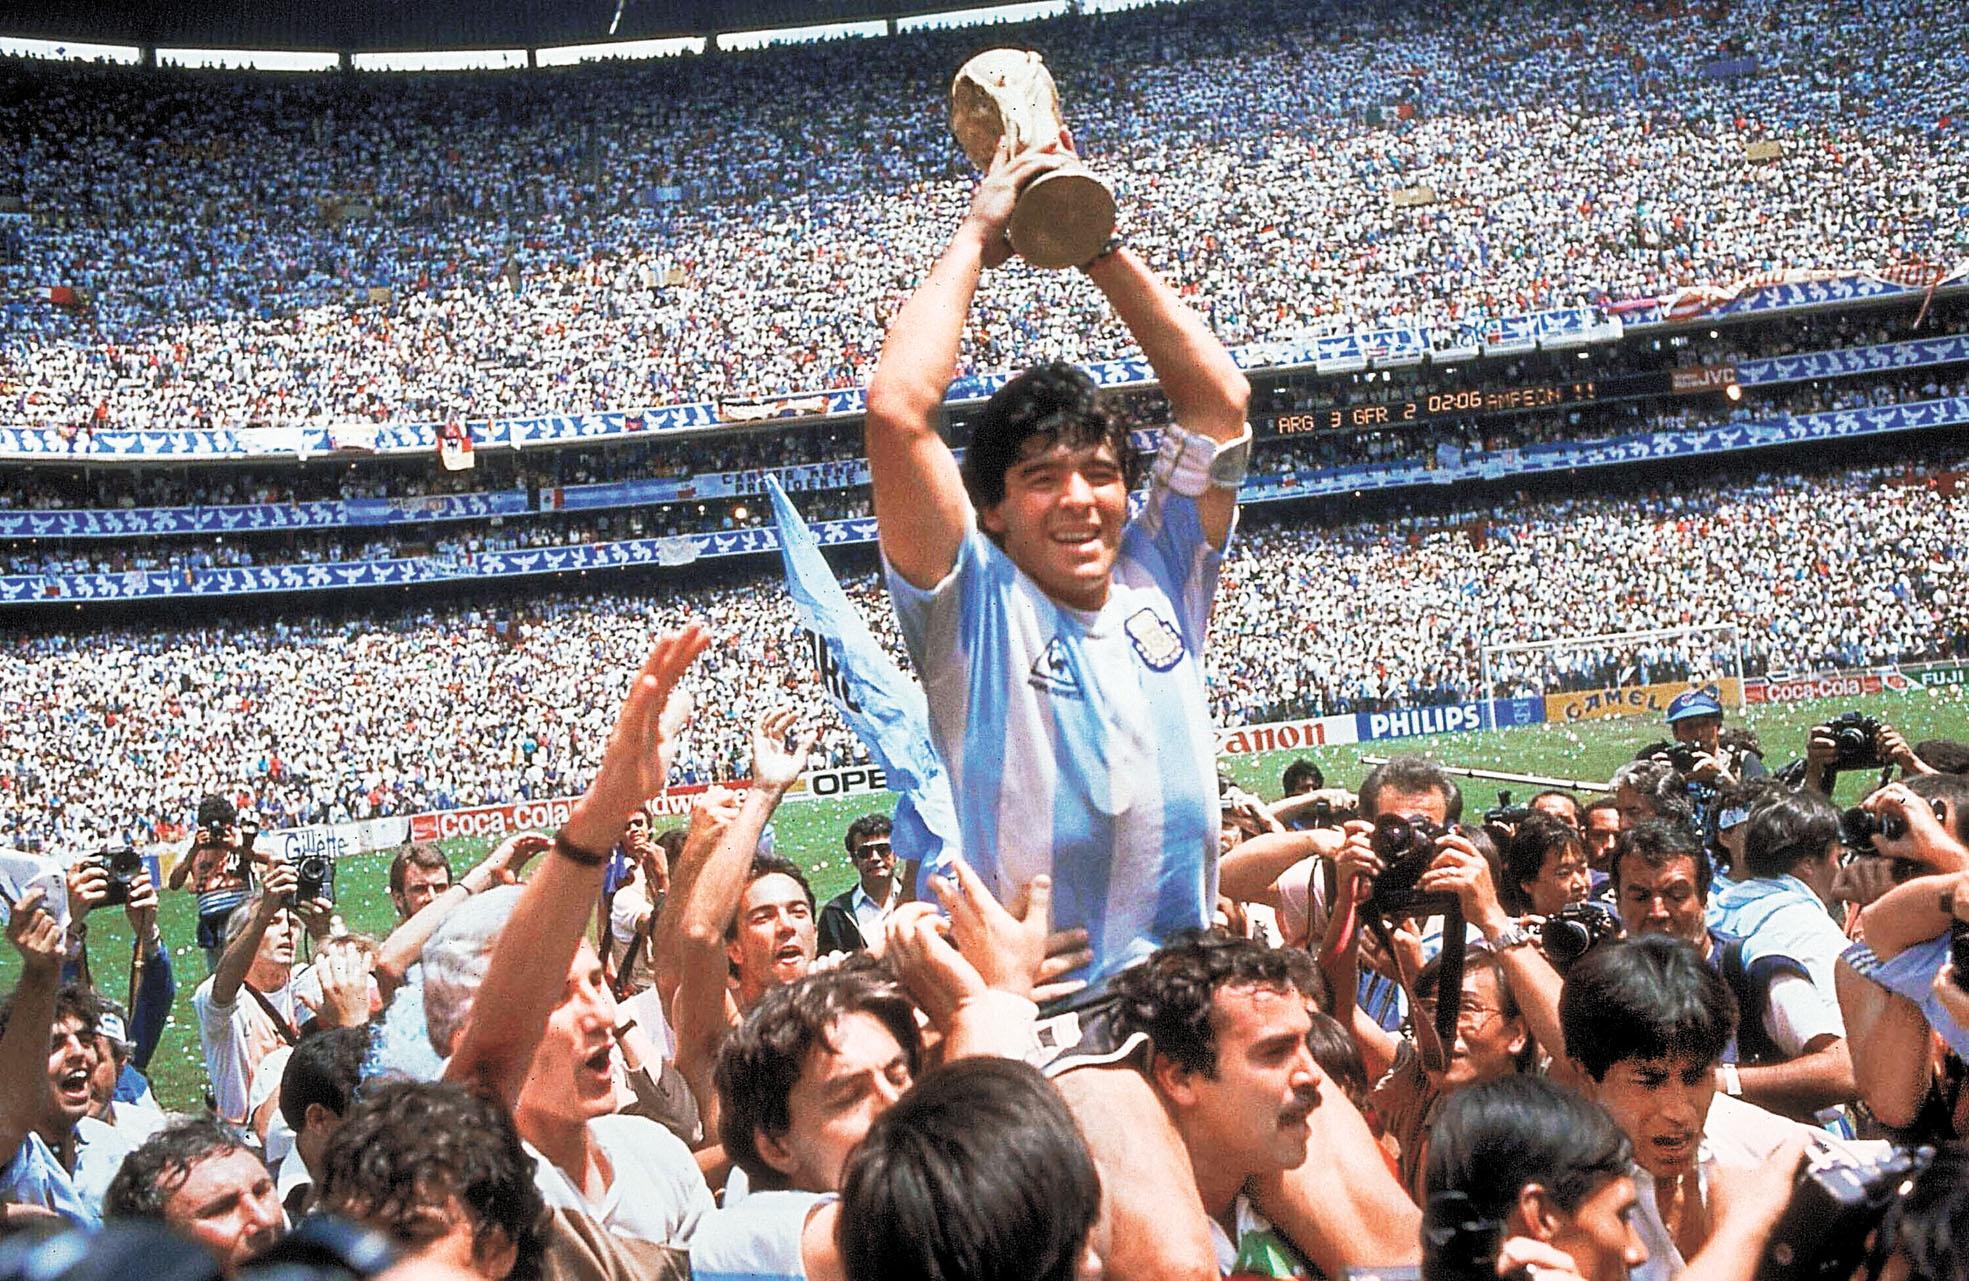 馬勒當拿於1986年帶領阿根廷隊奪得世界盃。小圖為當年極大爭議的「上帝之手」。美聯社資料圖片